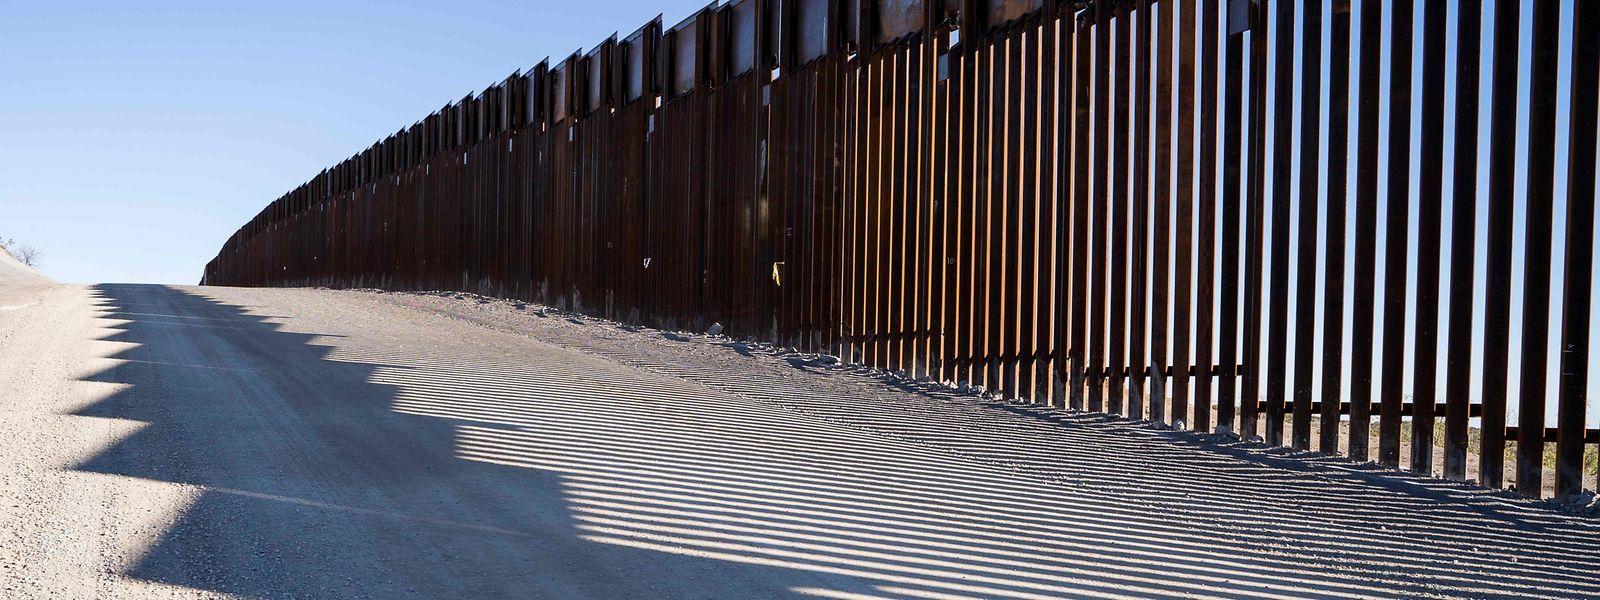 Die Grenze zu Mexiko's Highway 9 unweit von Santa Teresa. US-Präsident Donald Trump will die Grenze zum Nachbarstaat komplett sperren.